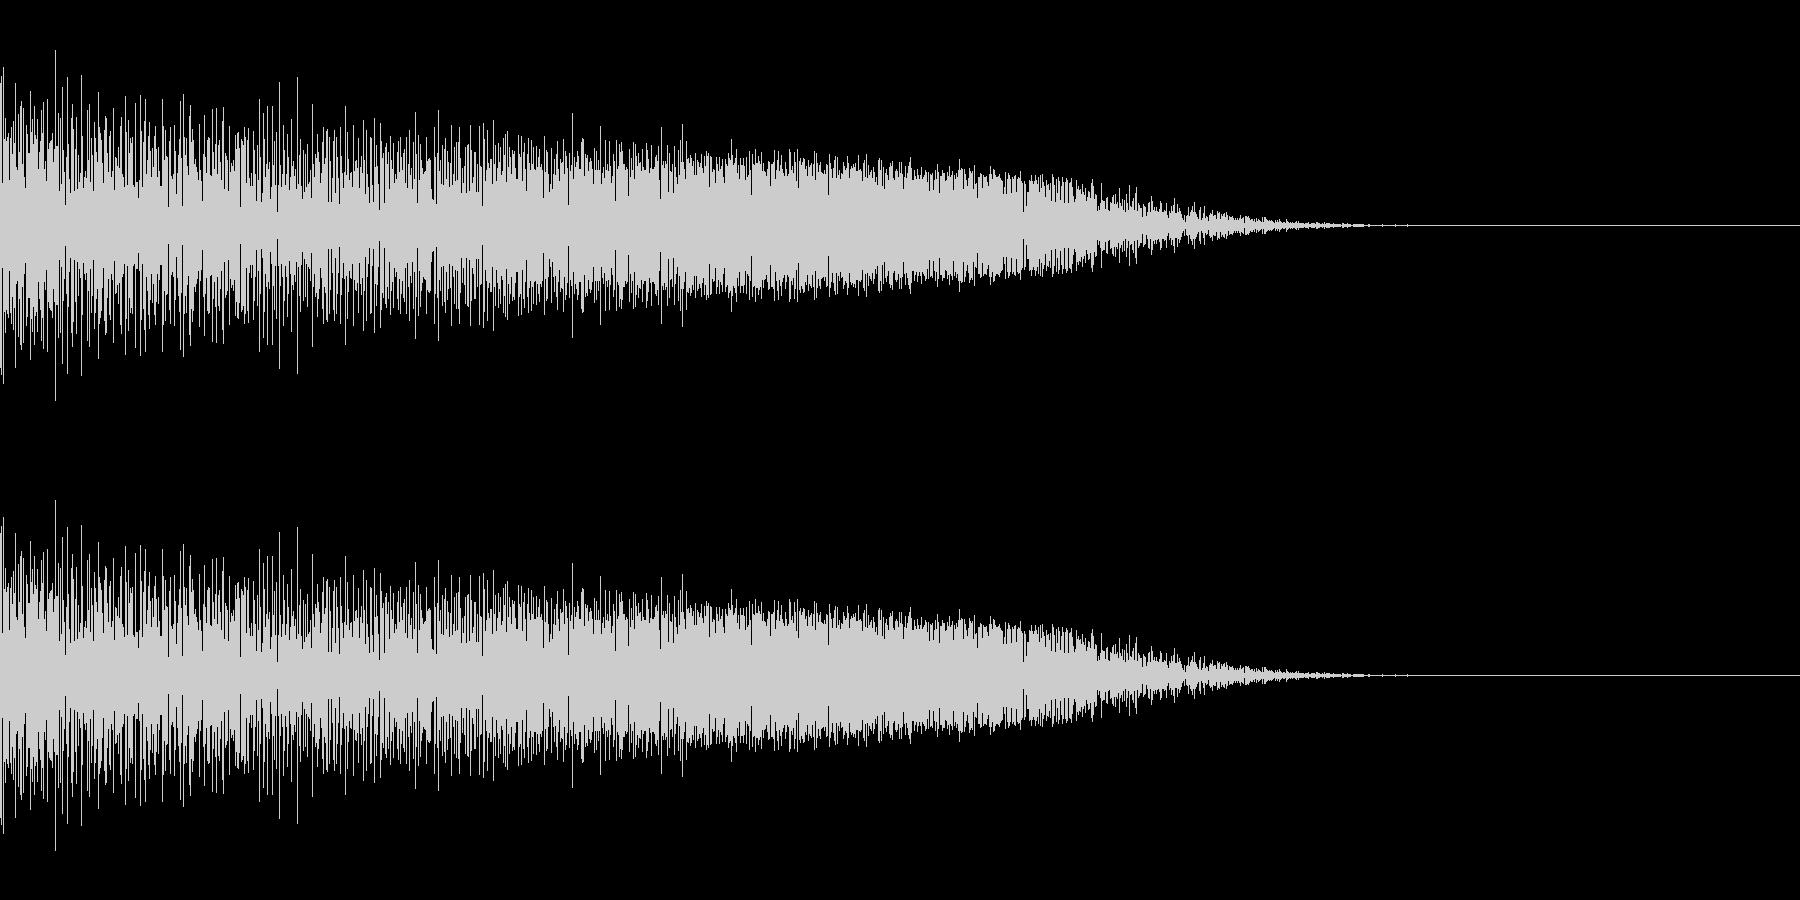 シュッ(スワイプ/ジャンプ/ゲーム)の未再生の波形